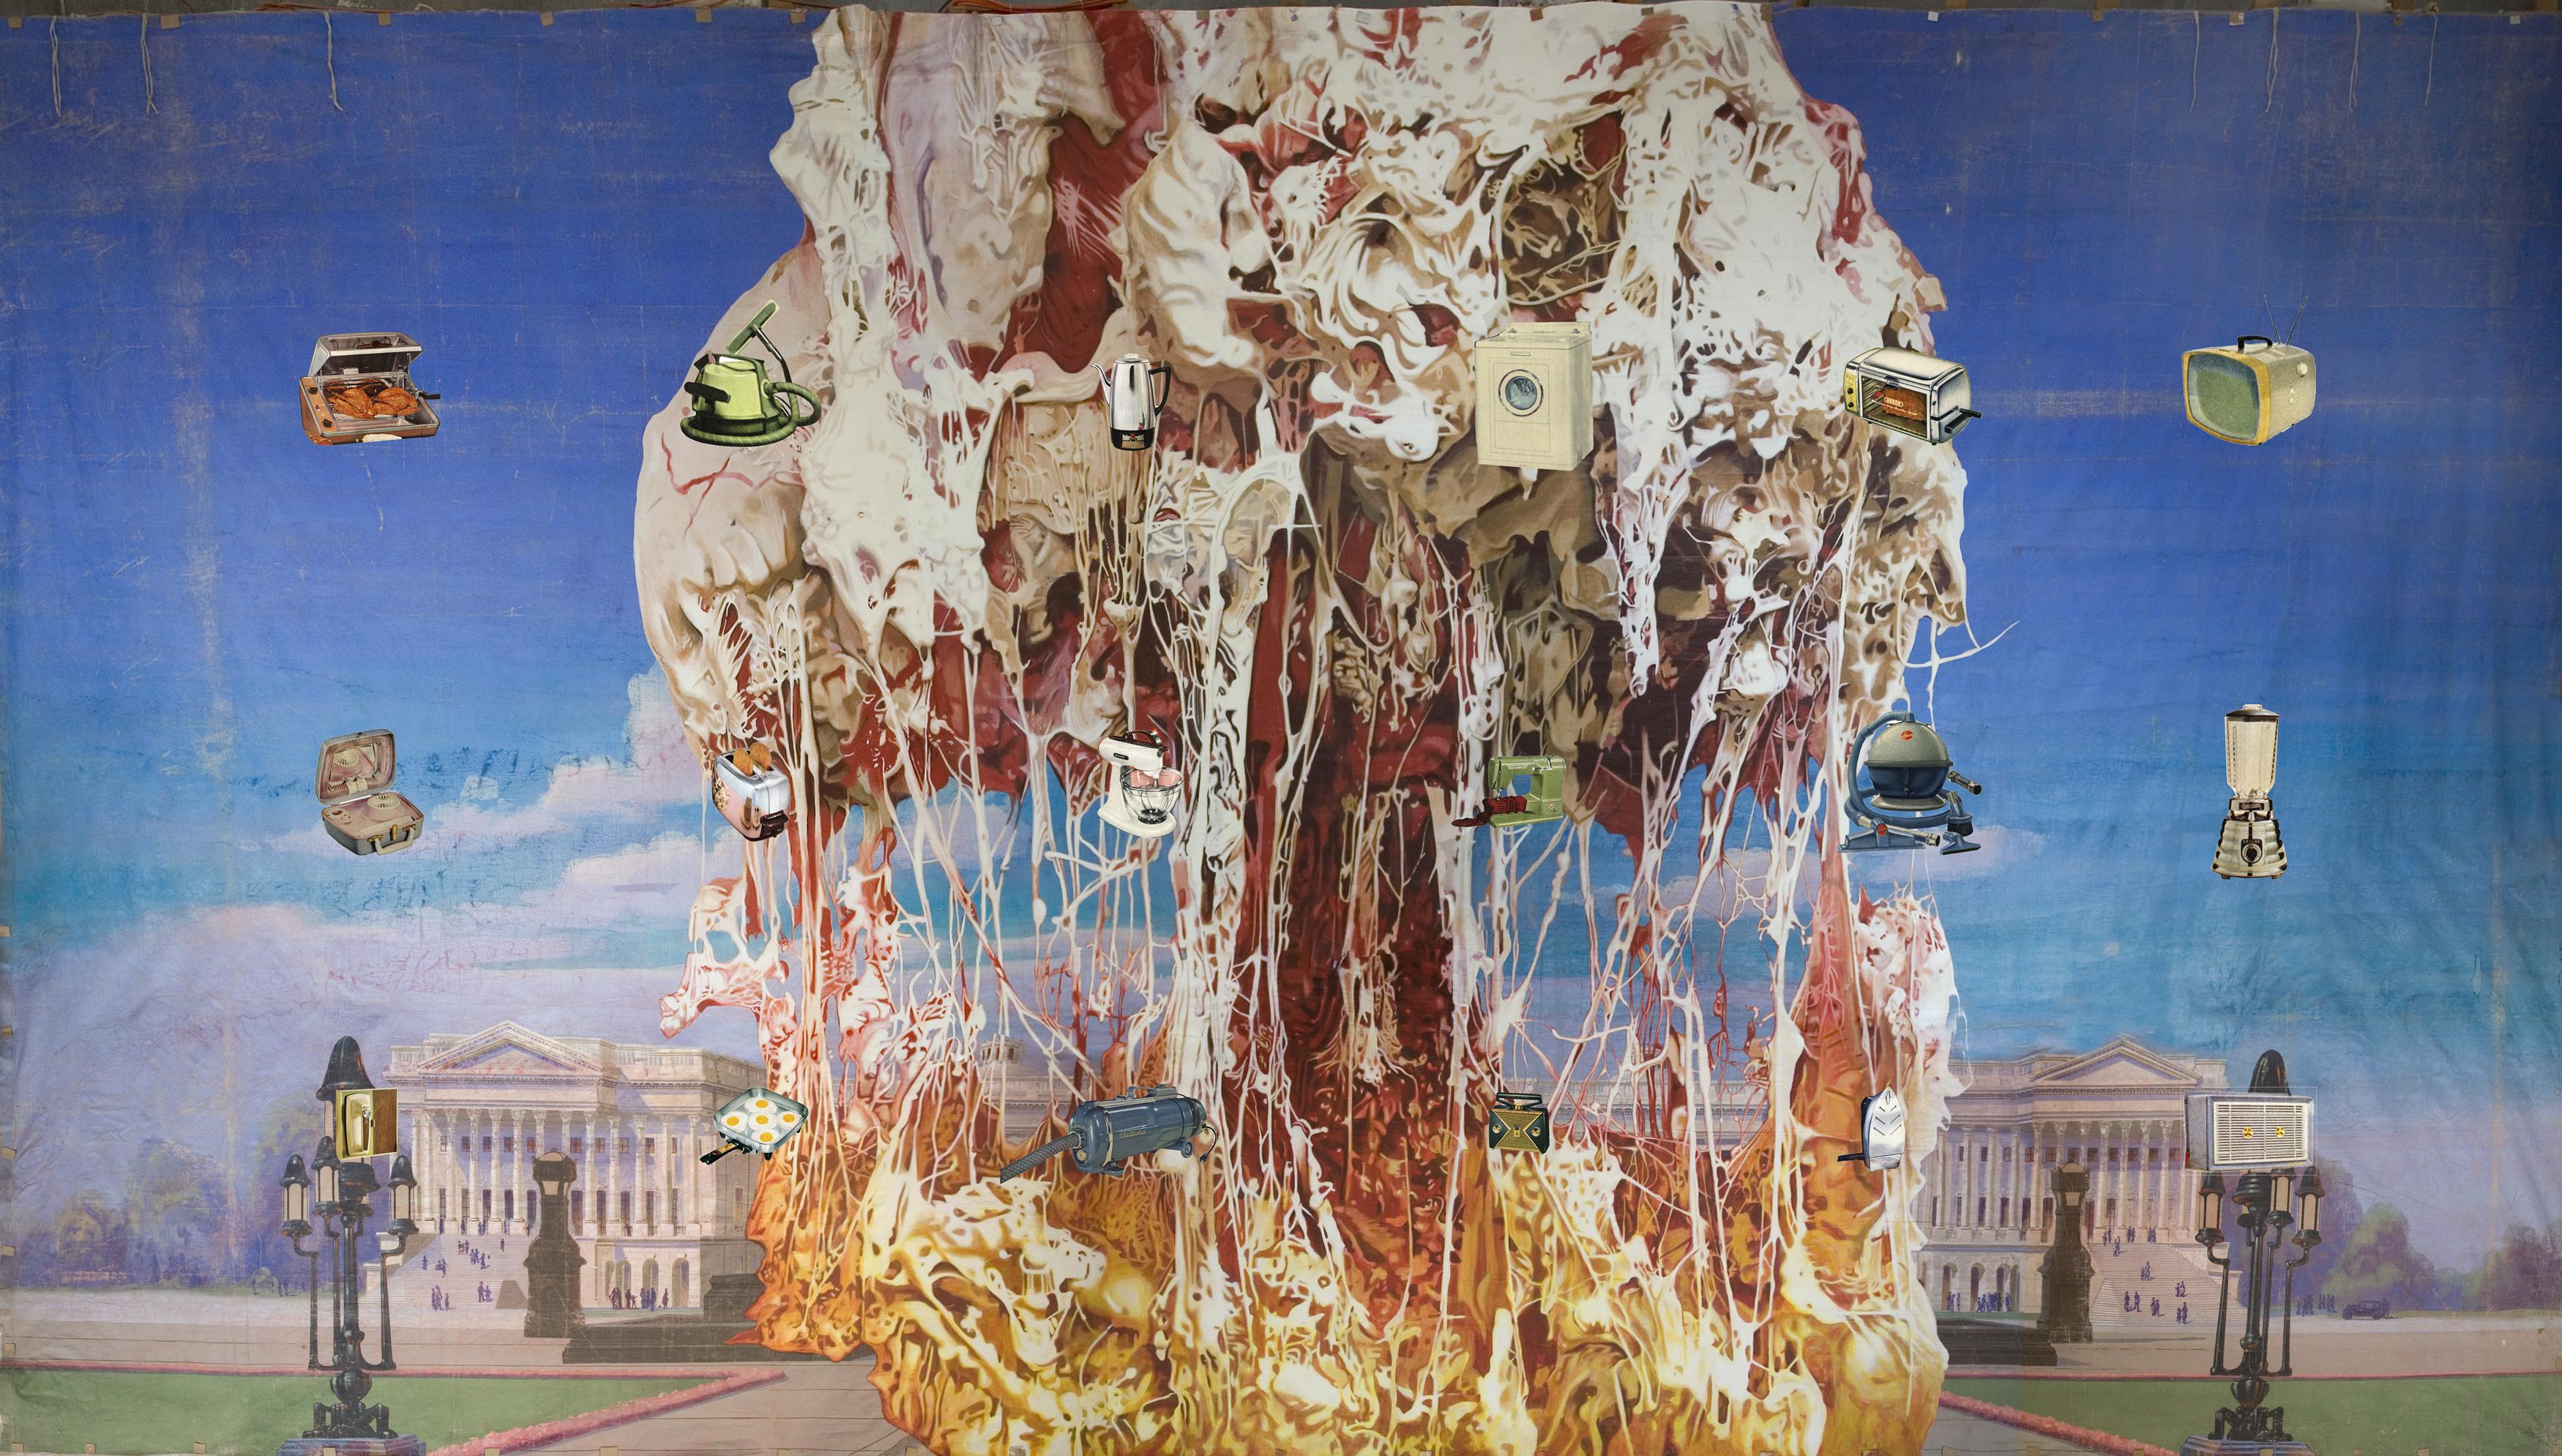 Jim Shaw, Capitol Viscera Appliances, 2011. Dzięki uprzejmości artysty orazSimon Lee Gallery